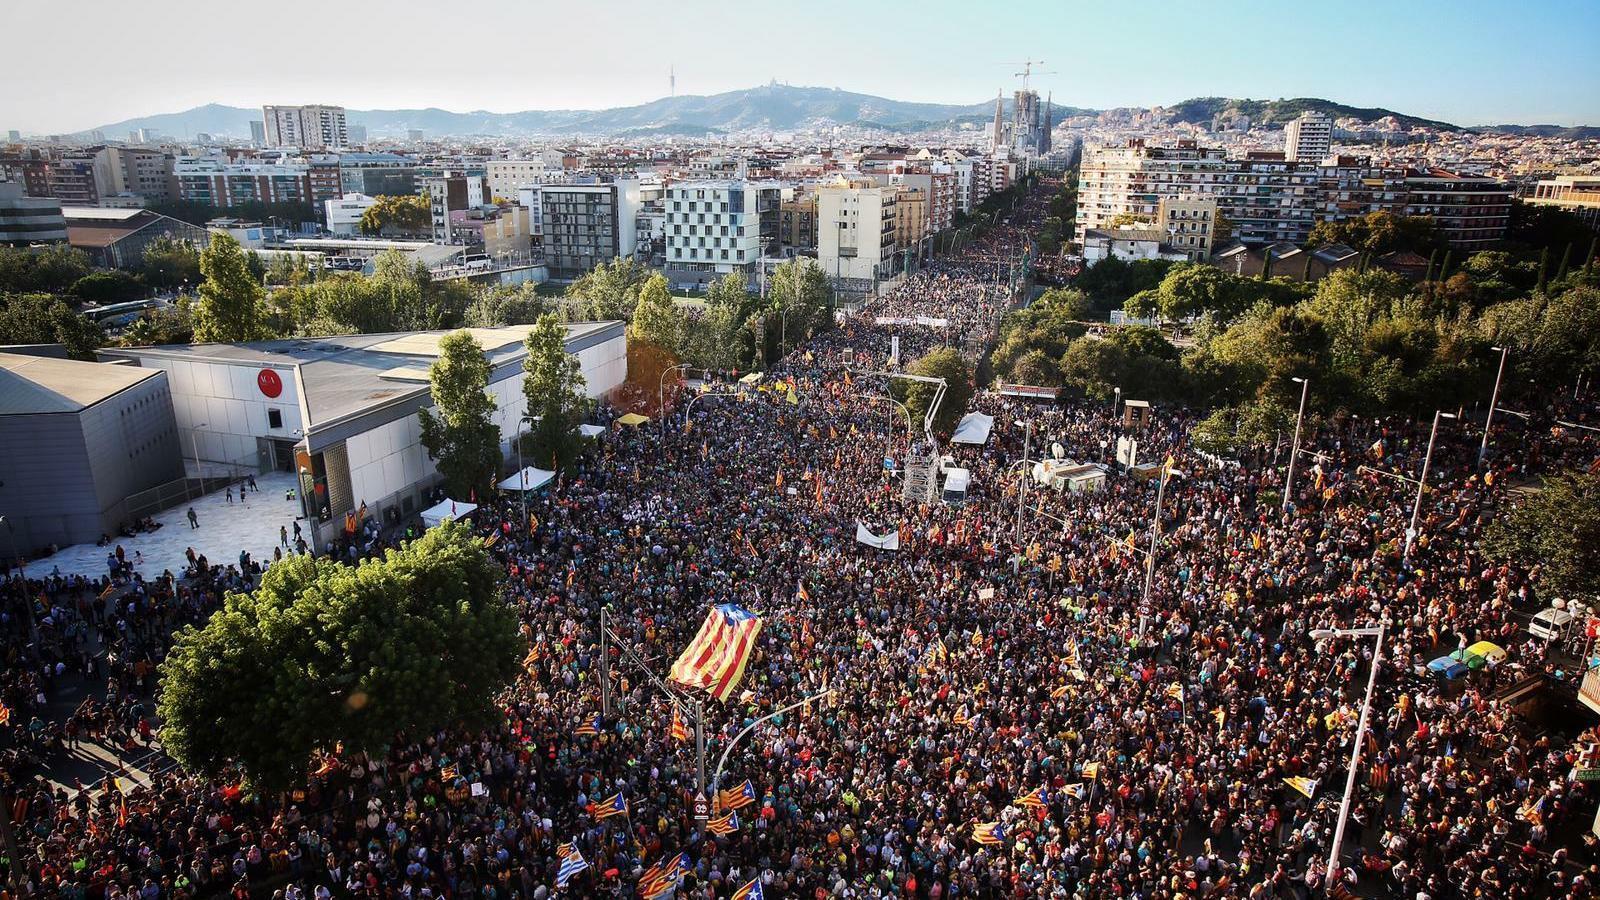 Centenars de milers de persones protesten a Barcelona per reclamar la llibertat dels presos polítics i els exiliats